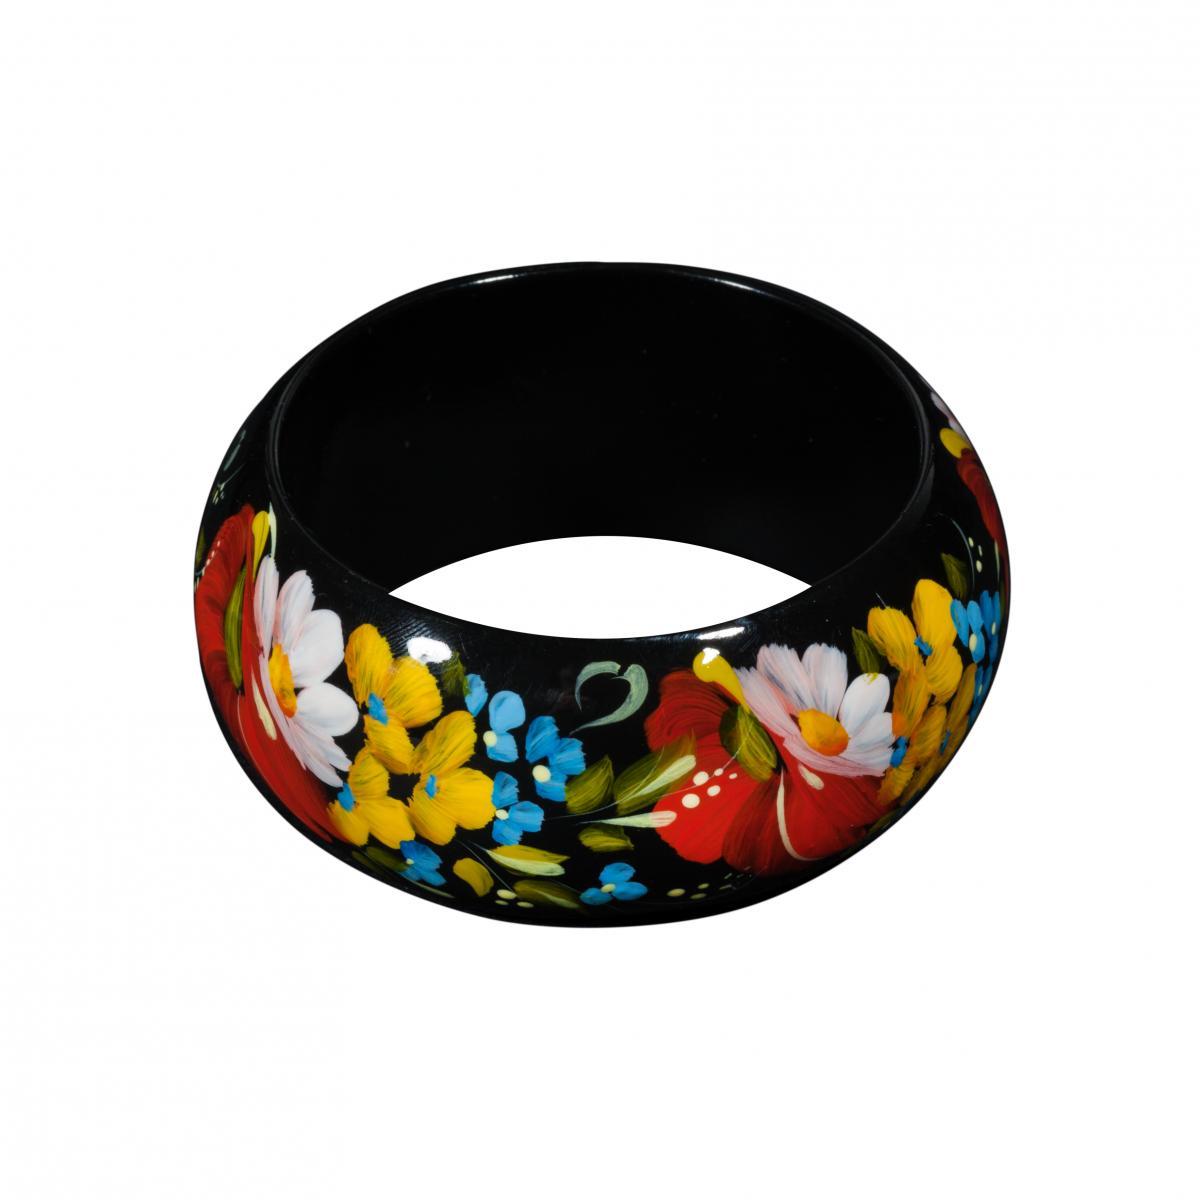 Деревянный браслет с цветочной росписью. Фото №1. | Народный дом Украина